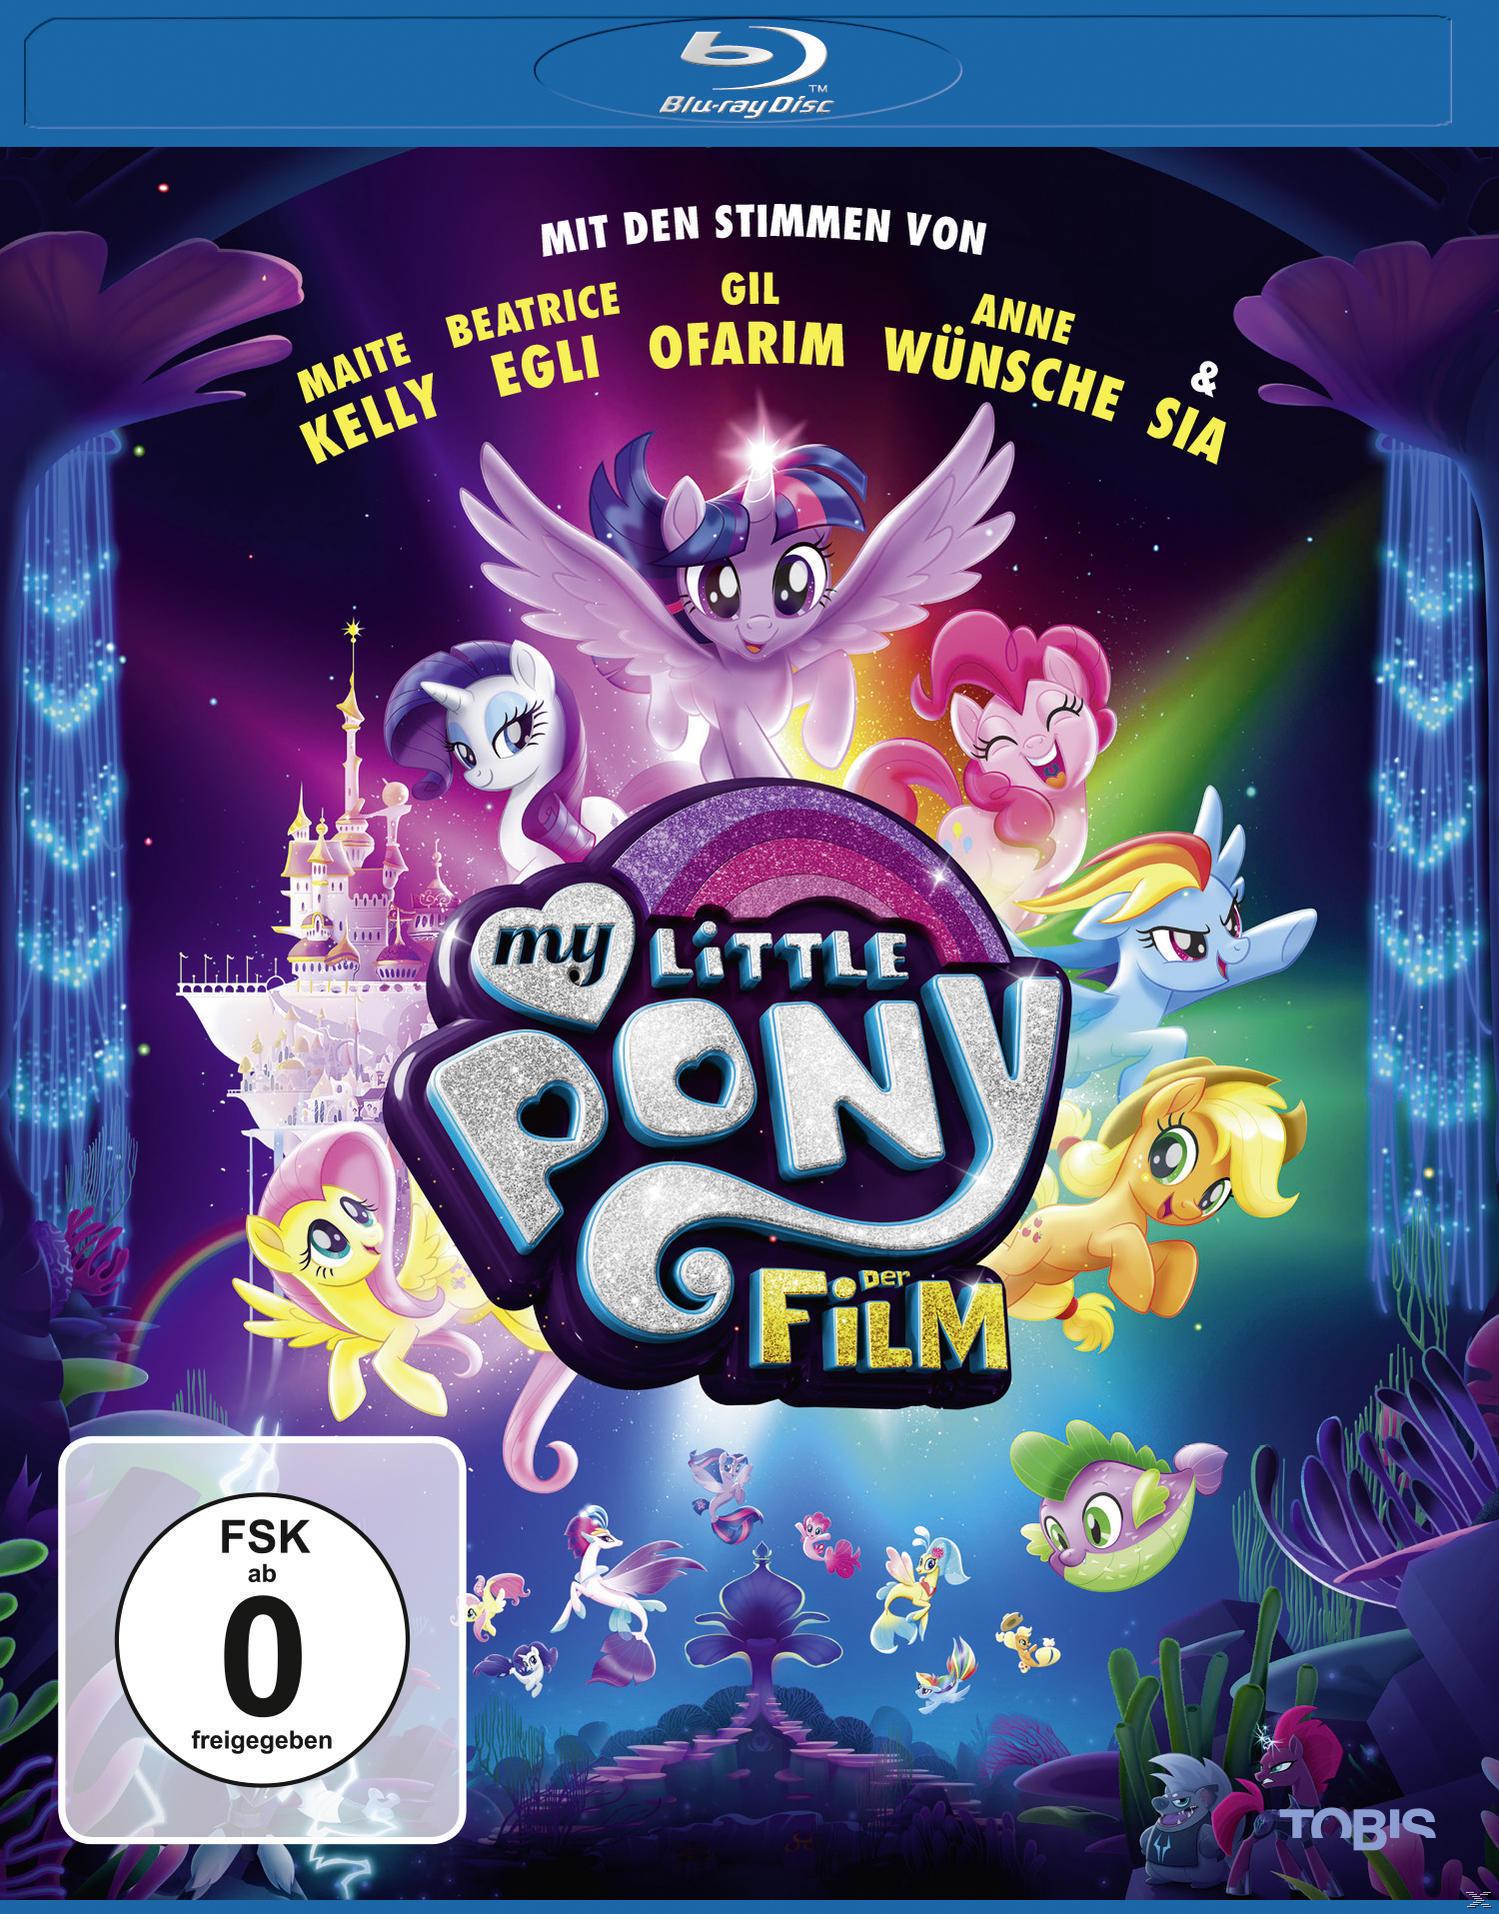 My little Pony - Der Film (BLU-RAY) für 12,99 Euro